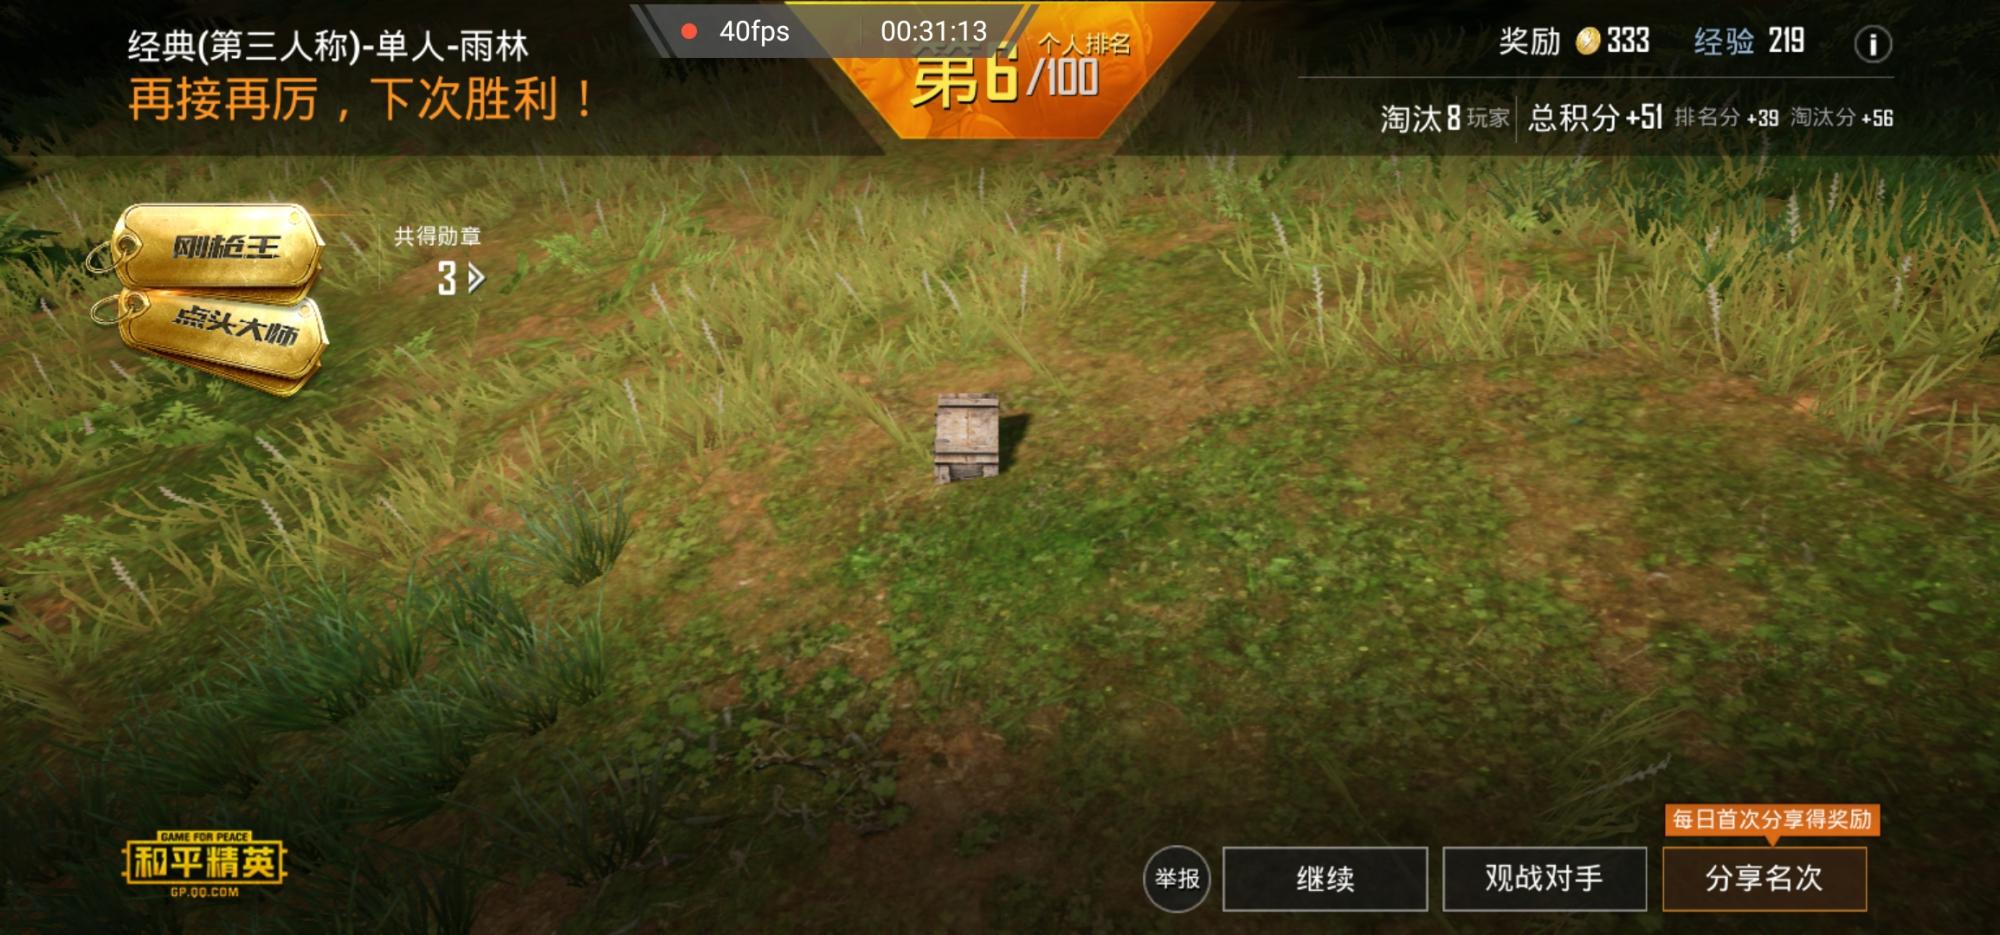 Screenshot_20190514_002426_com.tencent.tmgp.pubgmhd.jpg